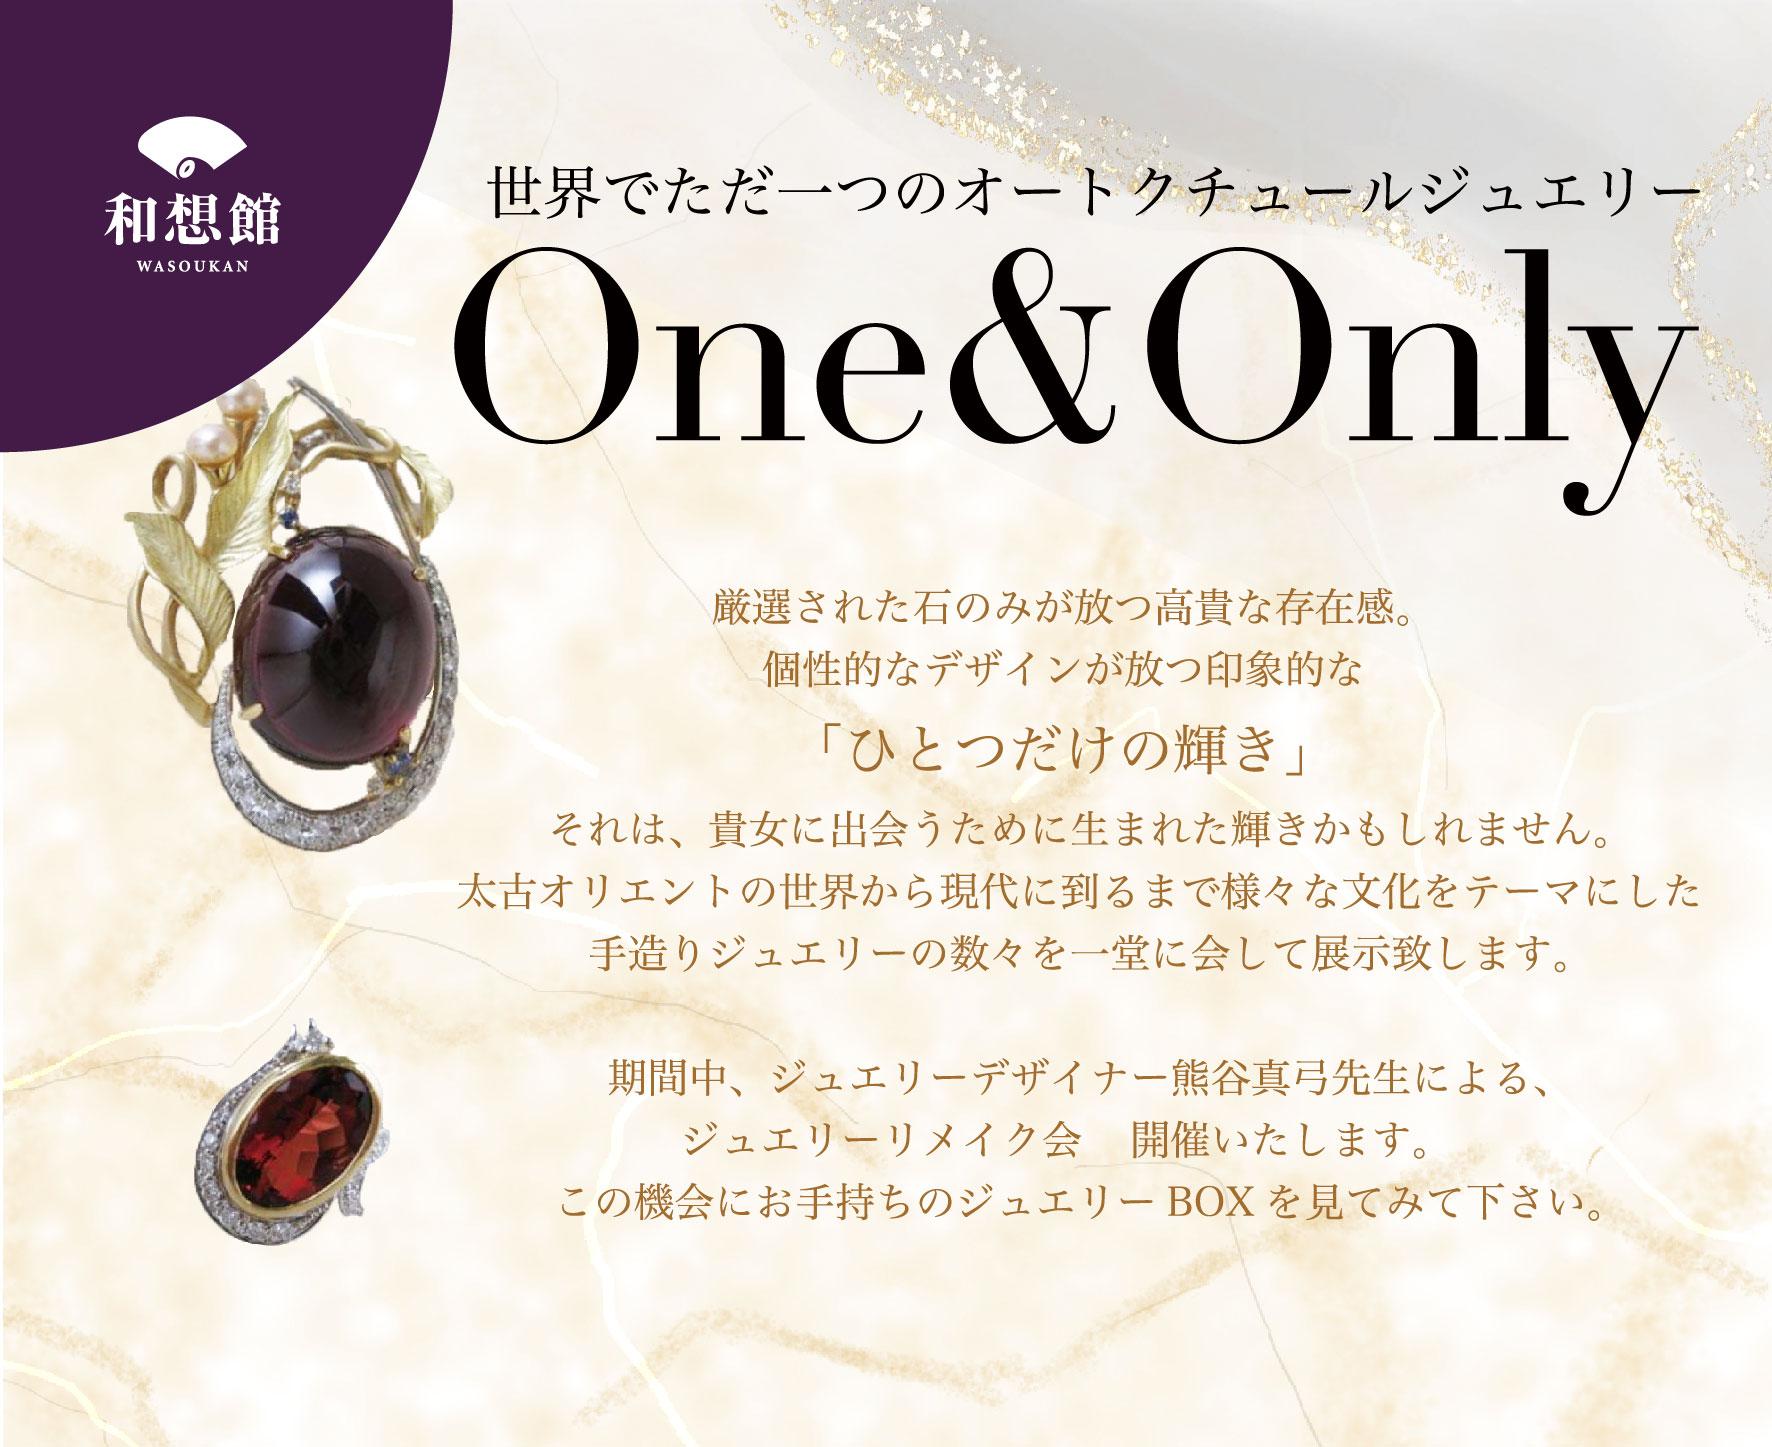 【松江店】12月展示 世界でただ一つのオートクチュールジュエリー One & Only